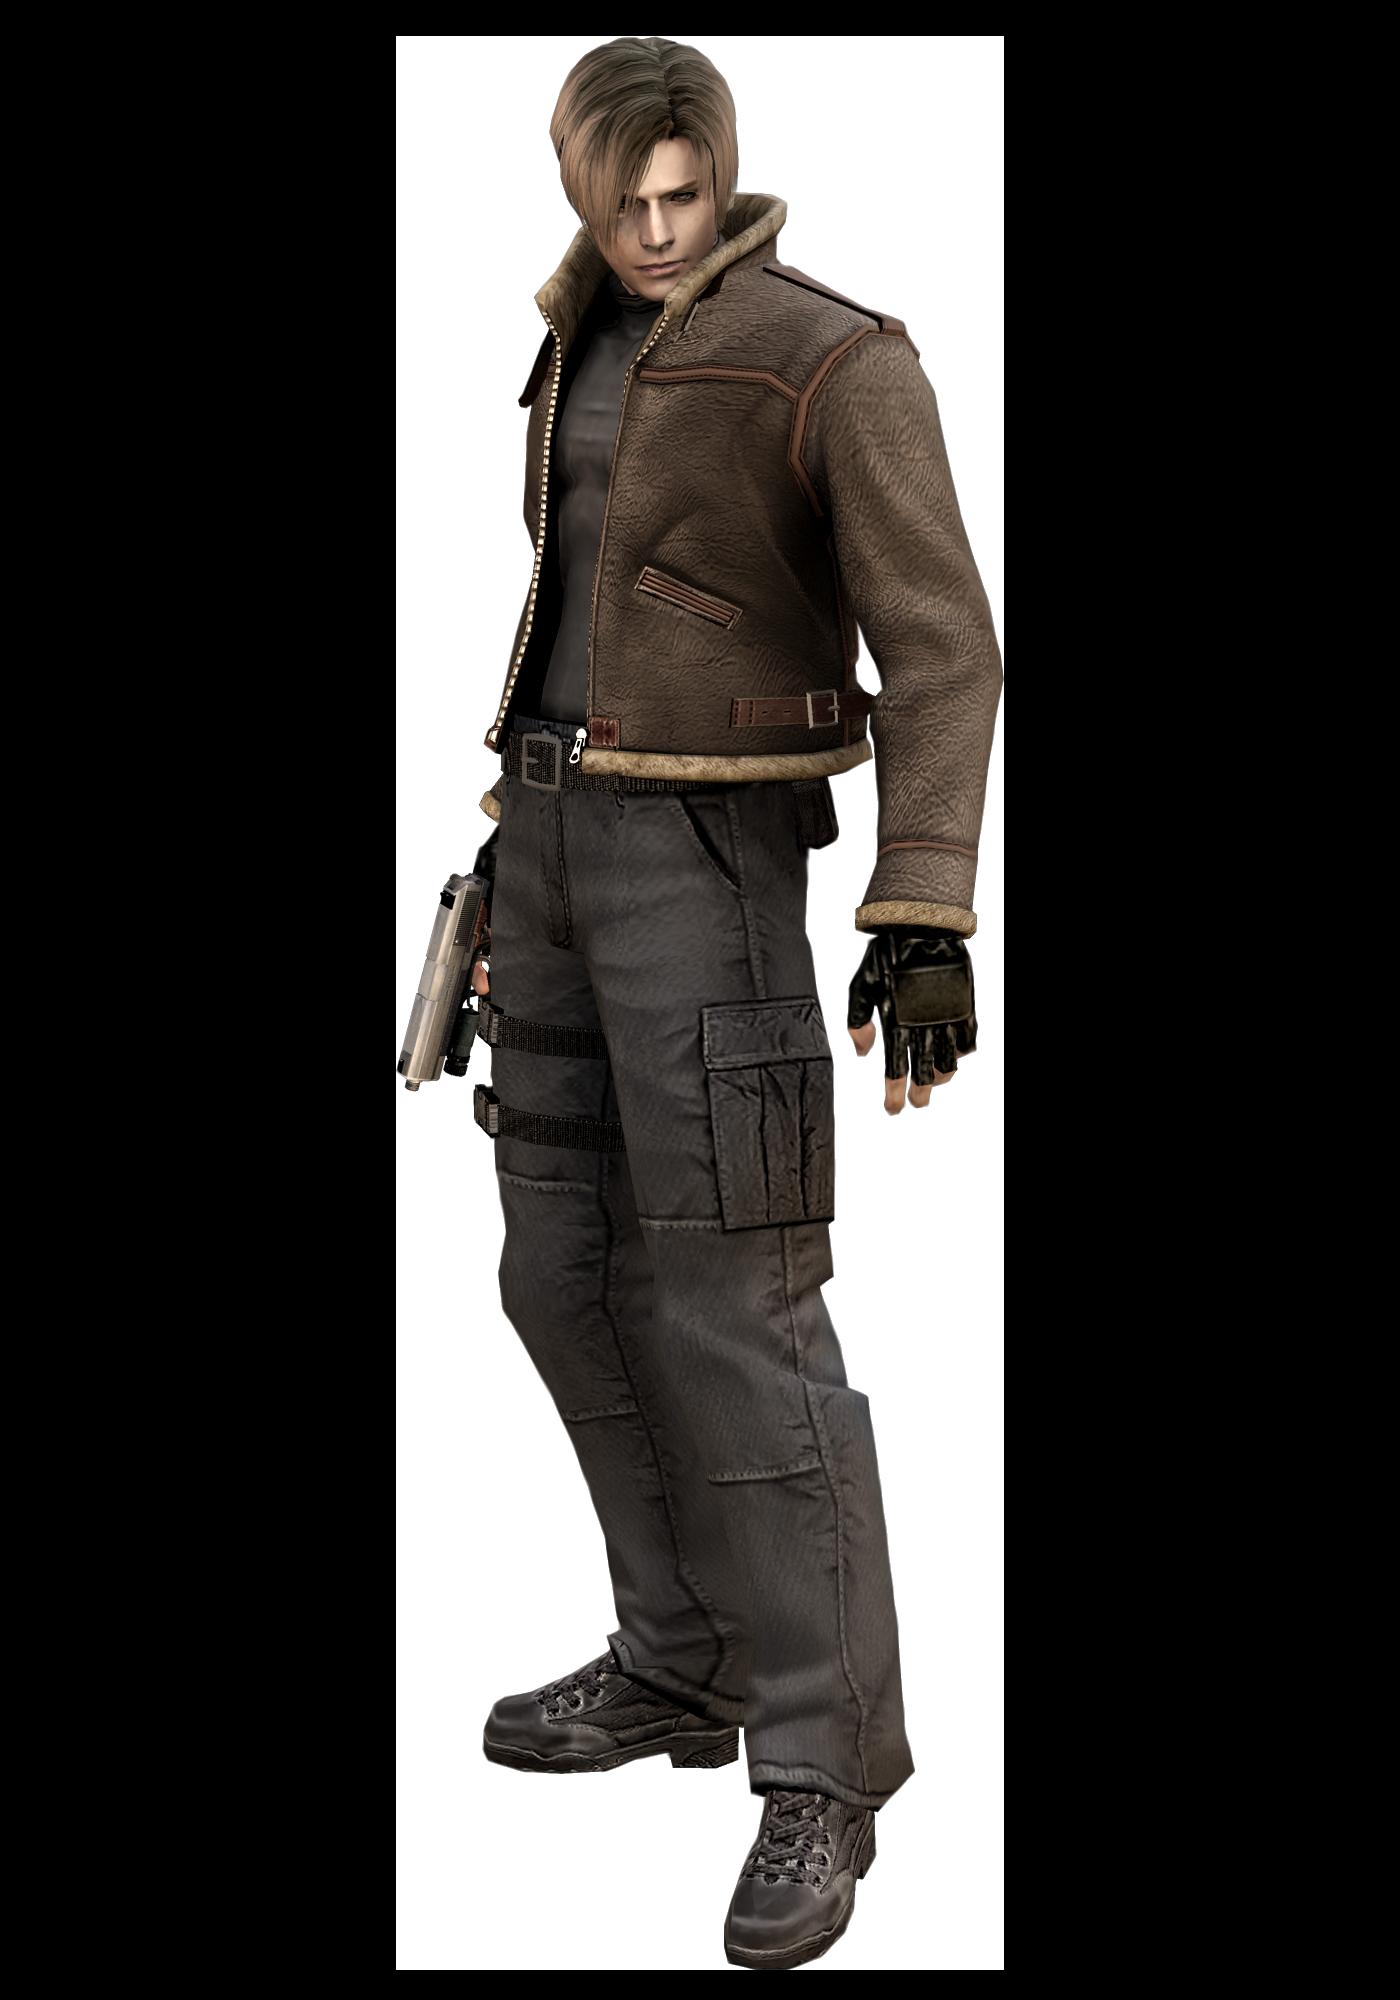 Resident Evil 4 Leon Scott Kennedy With Jacket Render Png Resident Evil Imagem De Jogos Personagens